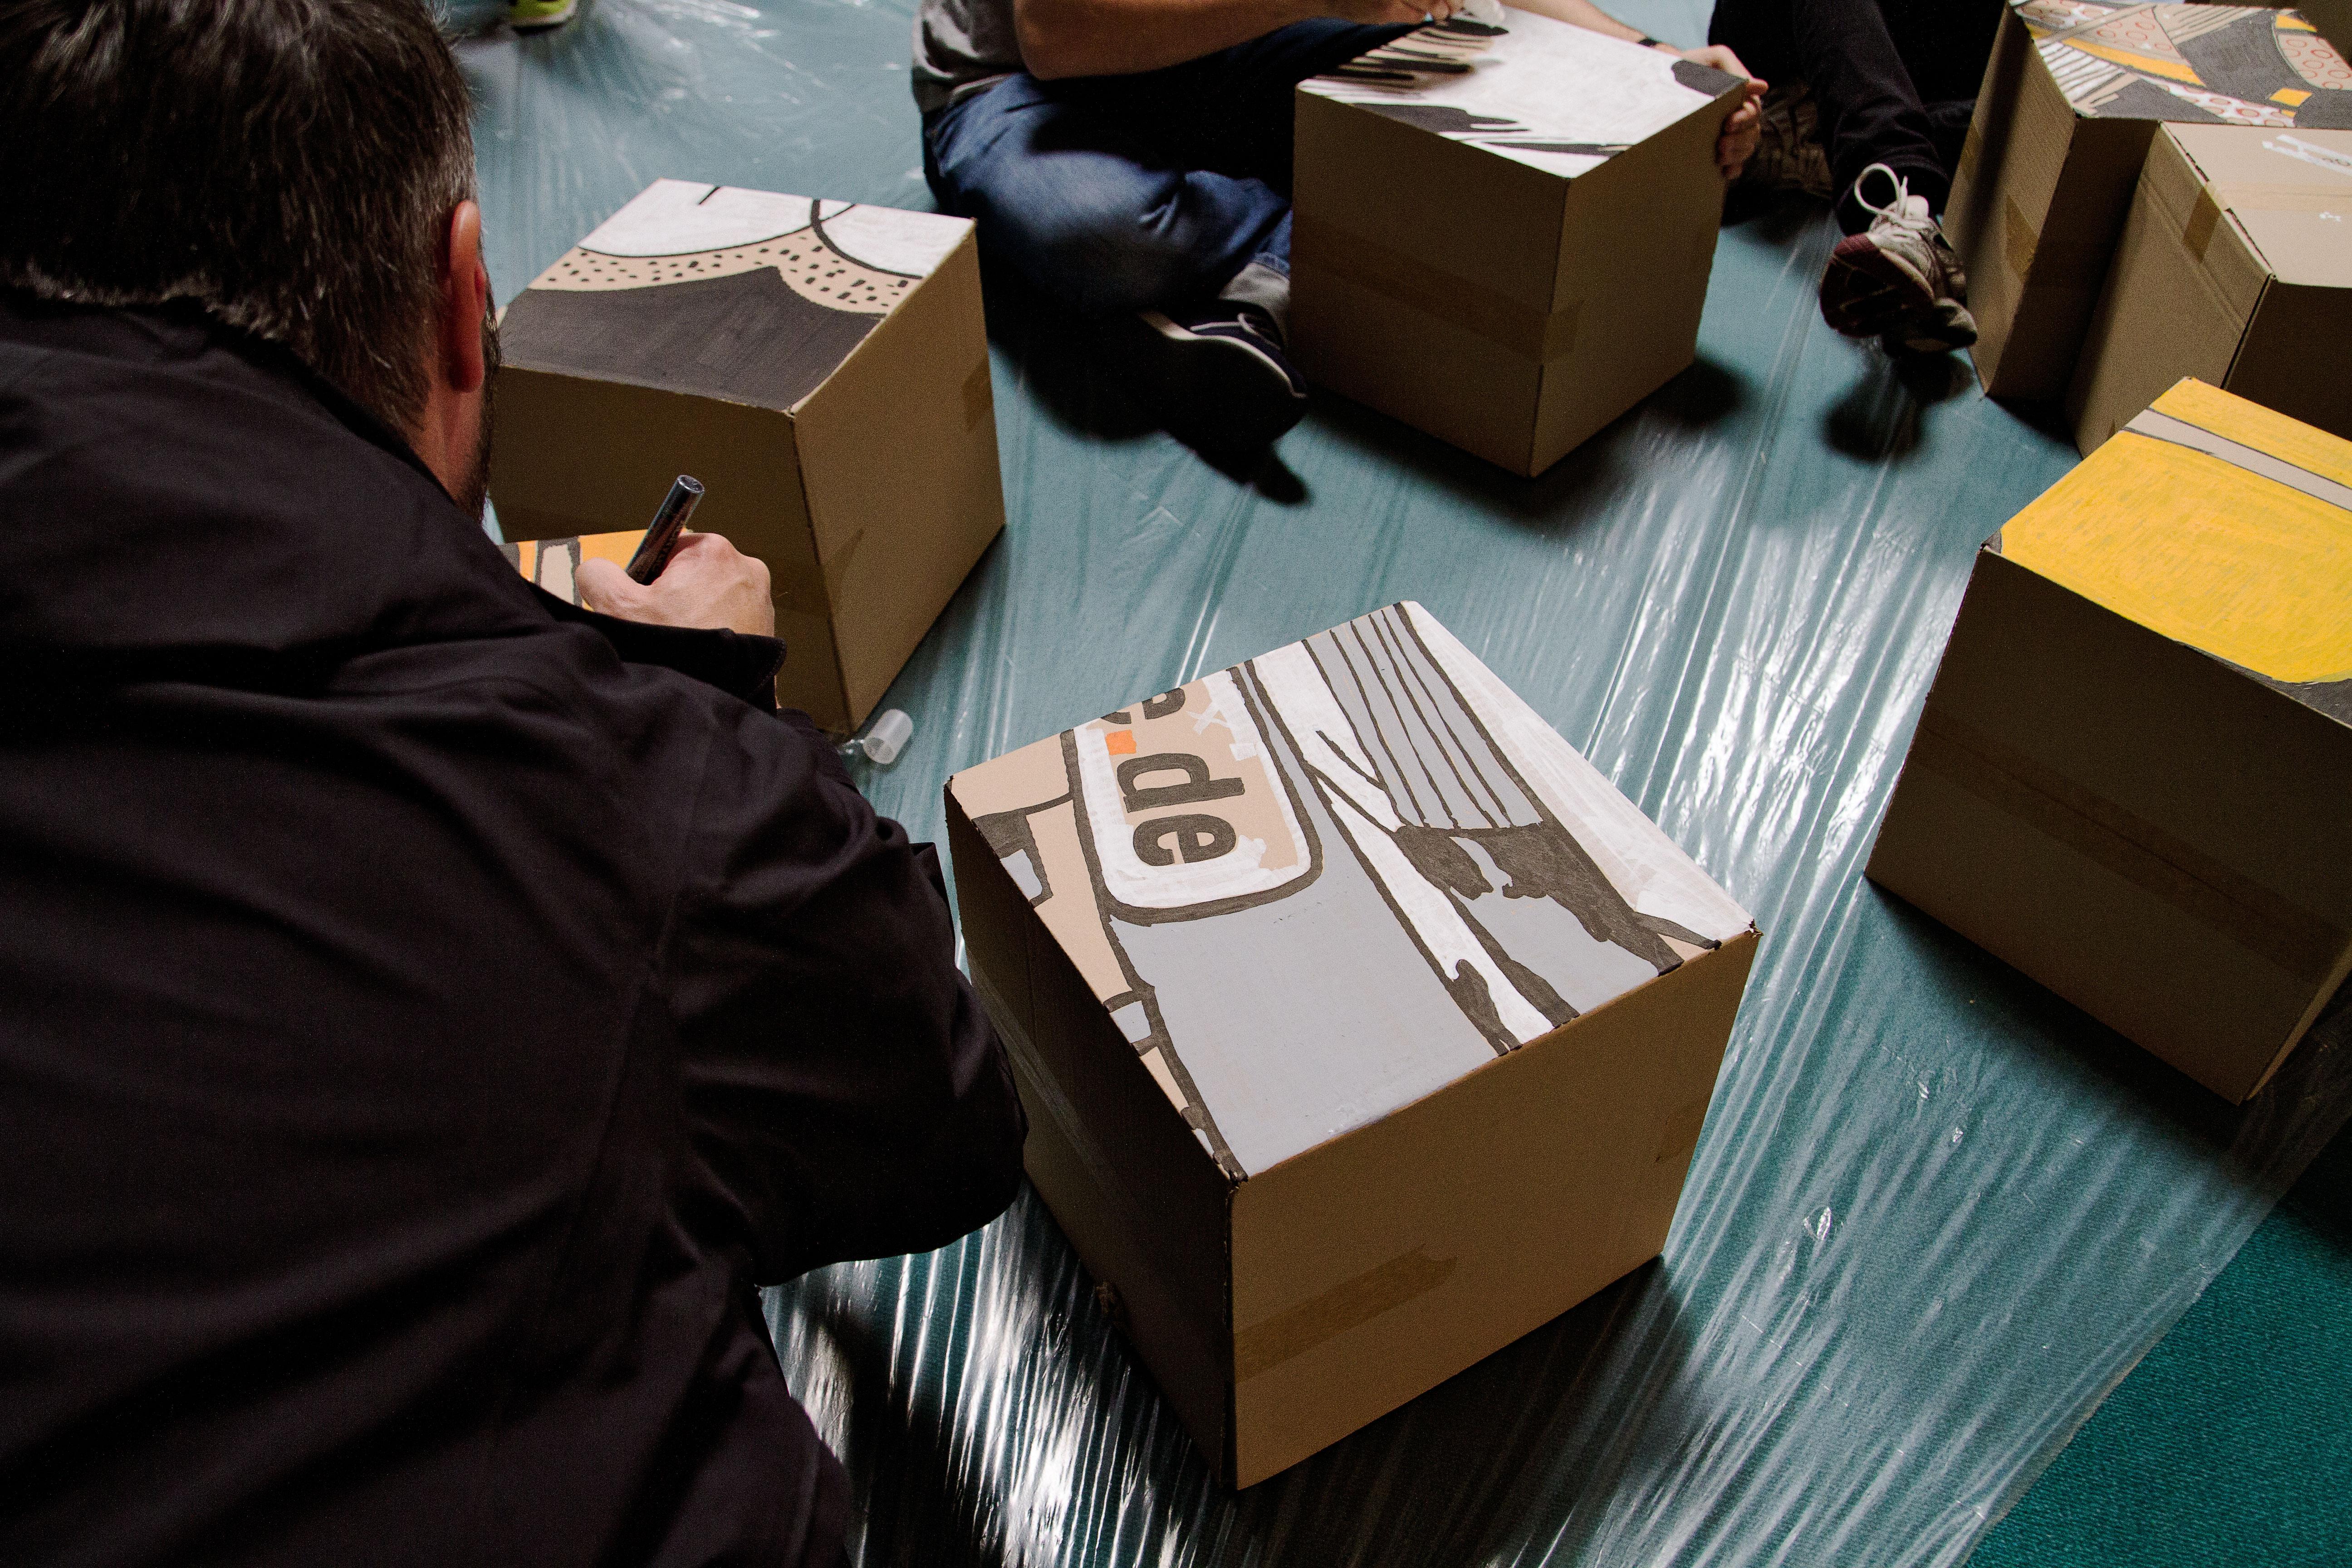 Die Mitarbeiter malen nun die Kartons fertig.